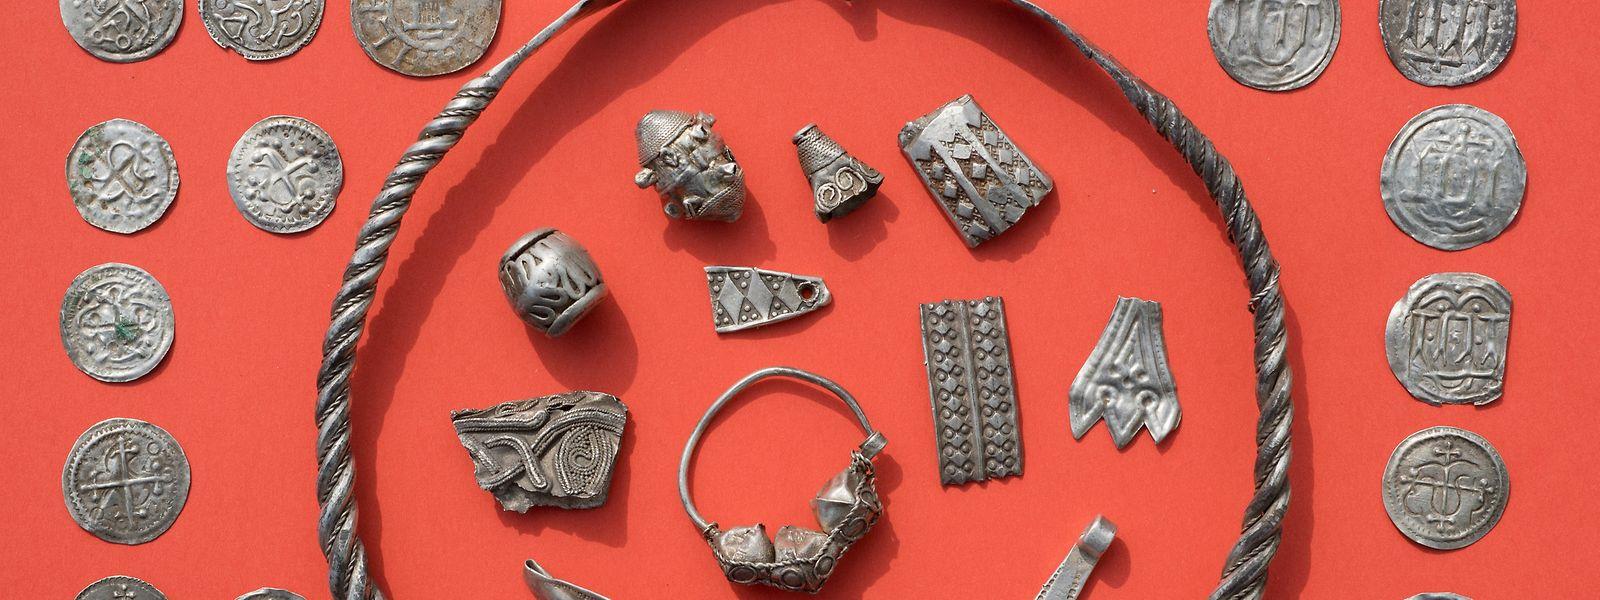 Teile des Silberschatzes von Schaprode mit gewendeltem, verschliessbarem Drahtring, Silberperlen mit Granulationsauflage, zerhacktem Silberschmuck, Thorshammeramulett und dänischen sowie ottonischen Münzen.